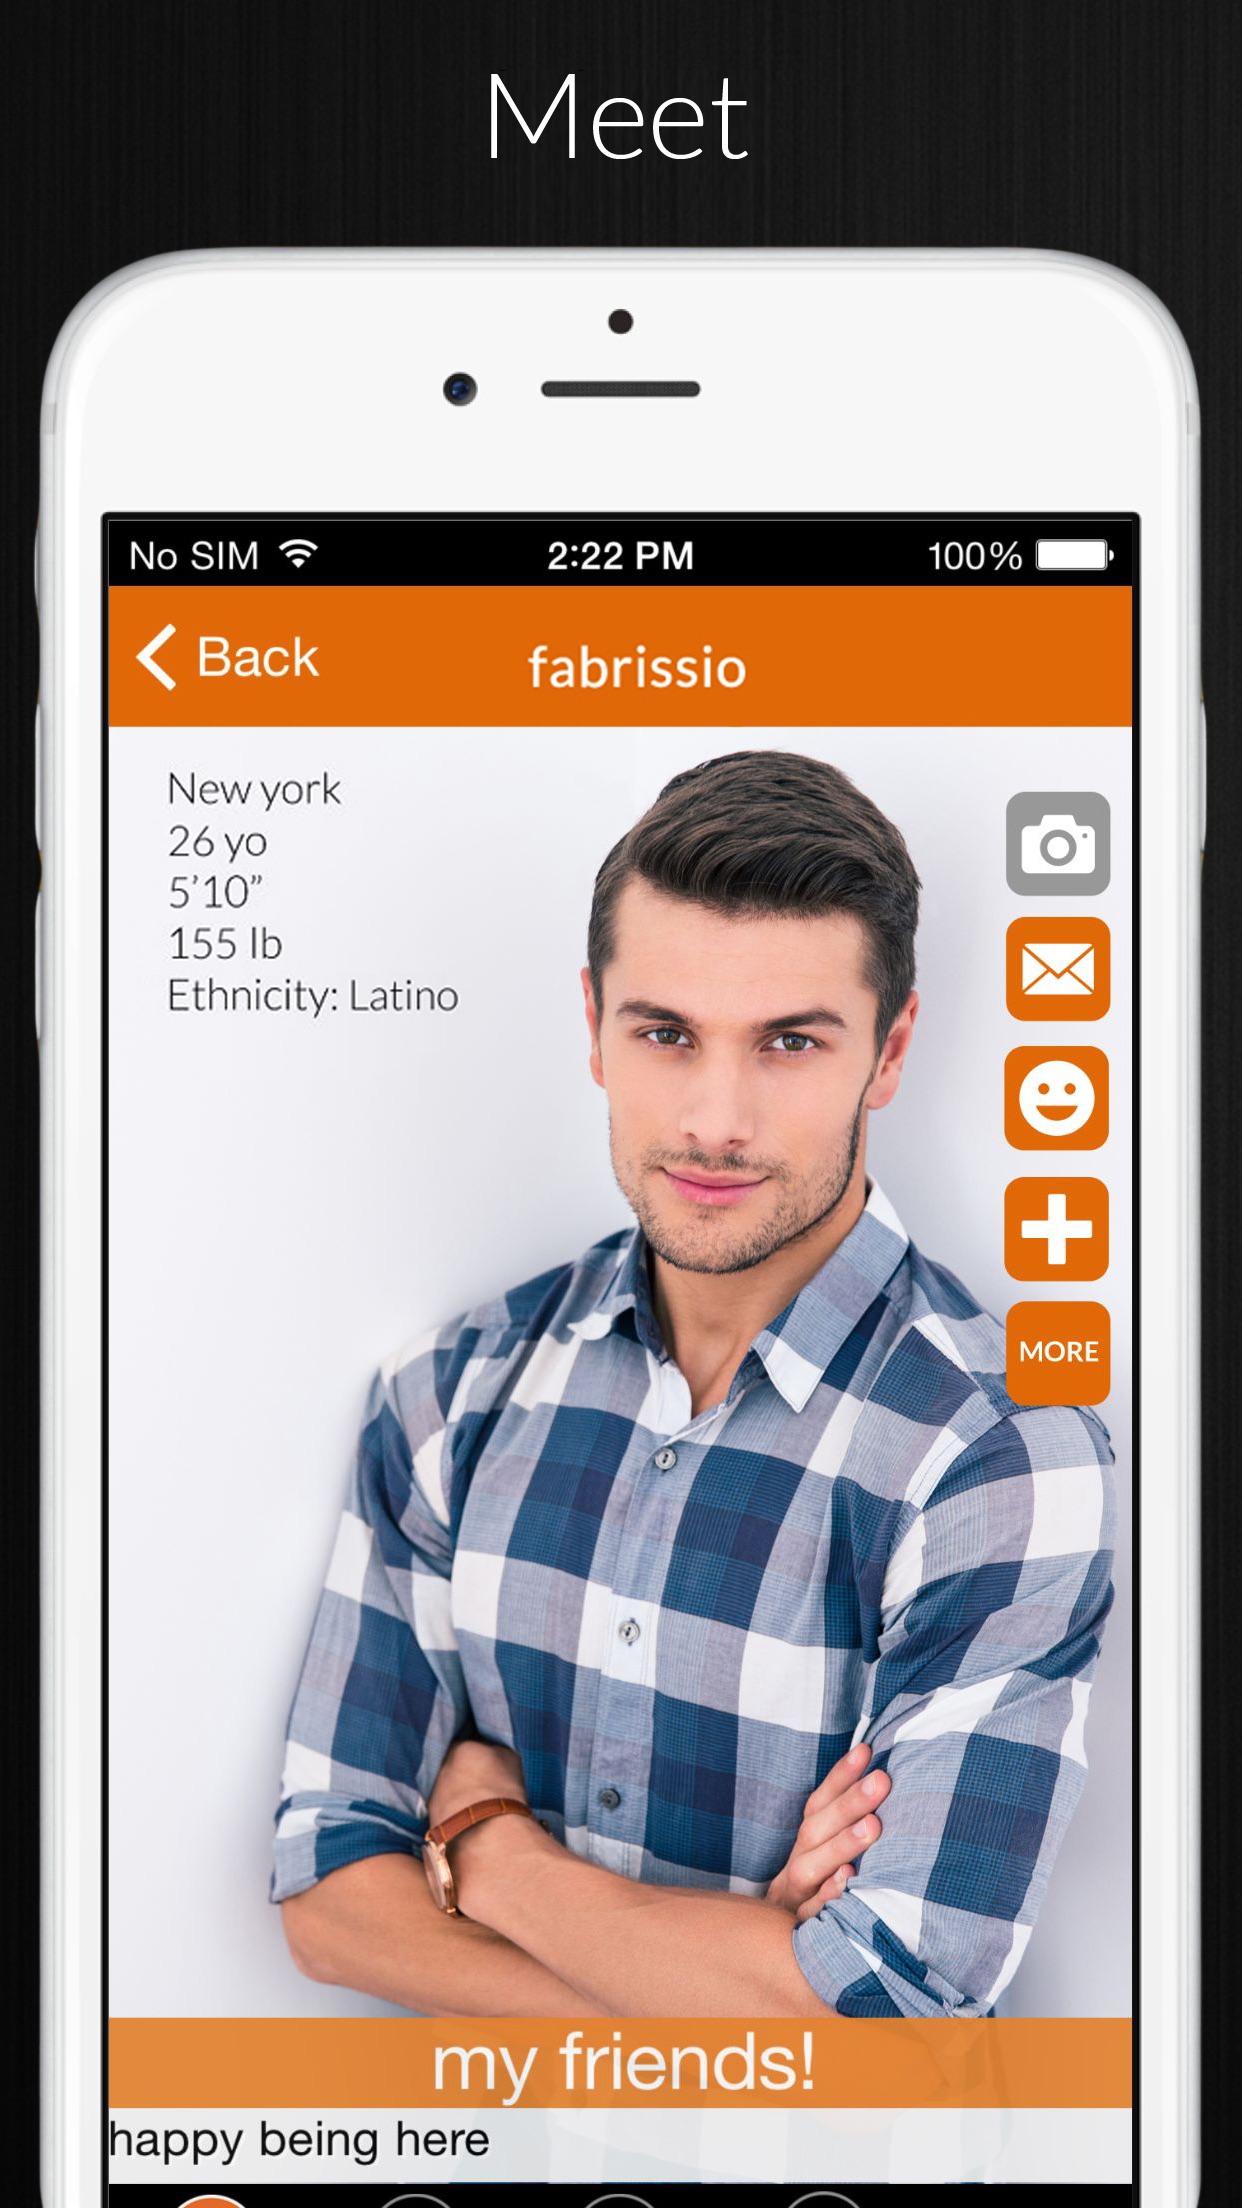 A4A adam4adam gay dating chat social network Screenshot